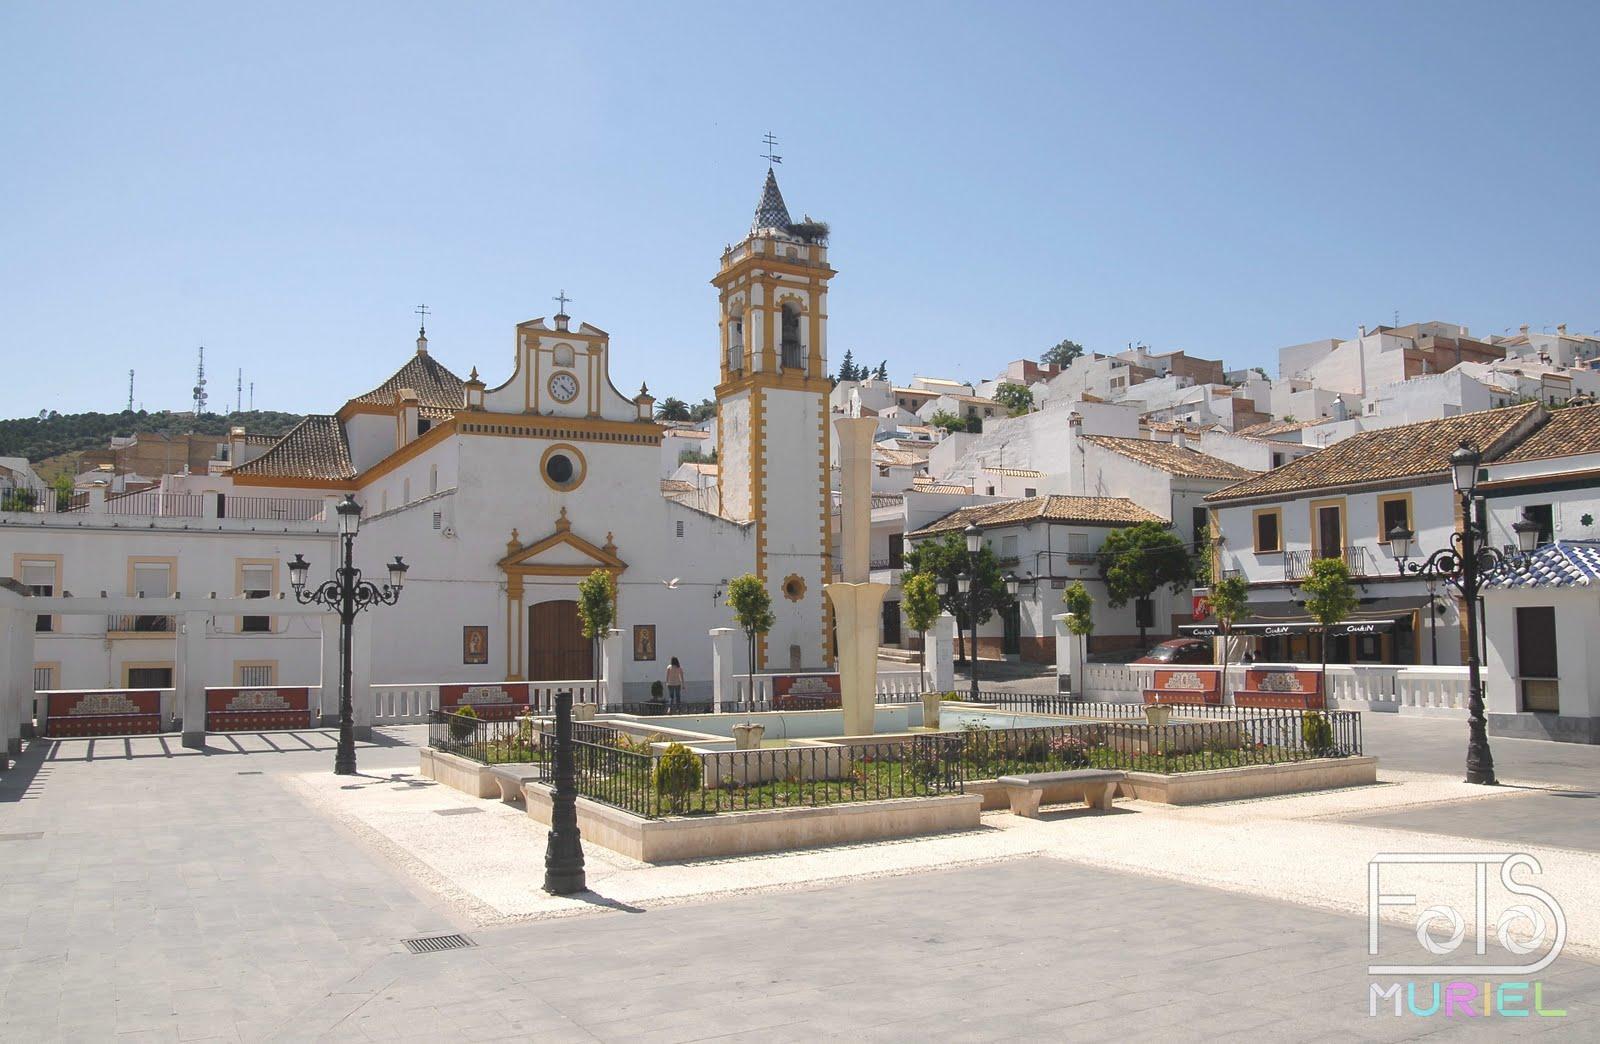 Fotos muriel plaza de la constituci n prado del rey c diz for Calle prado del rey conil